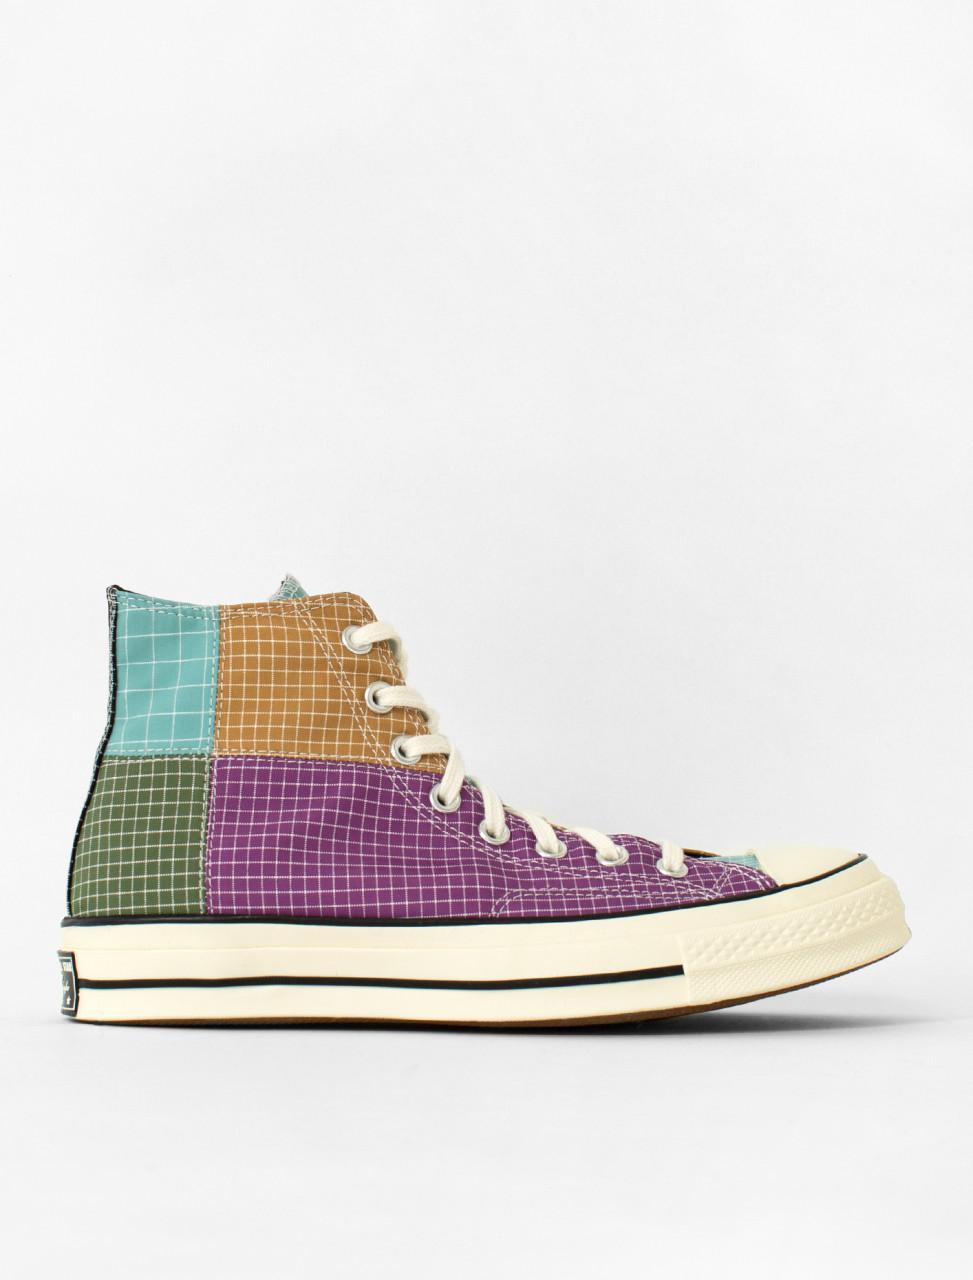 Converse x Converse Ripstop Chuck 70 High Sneaker